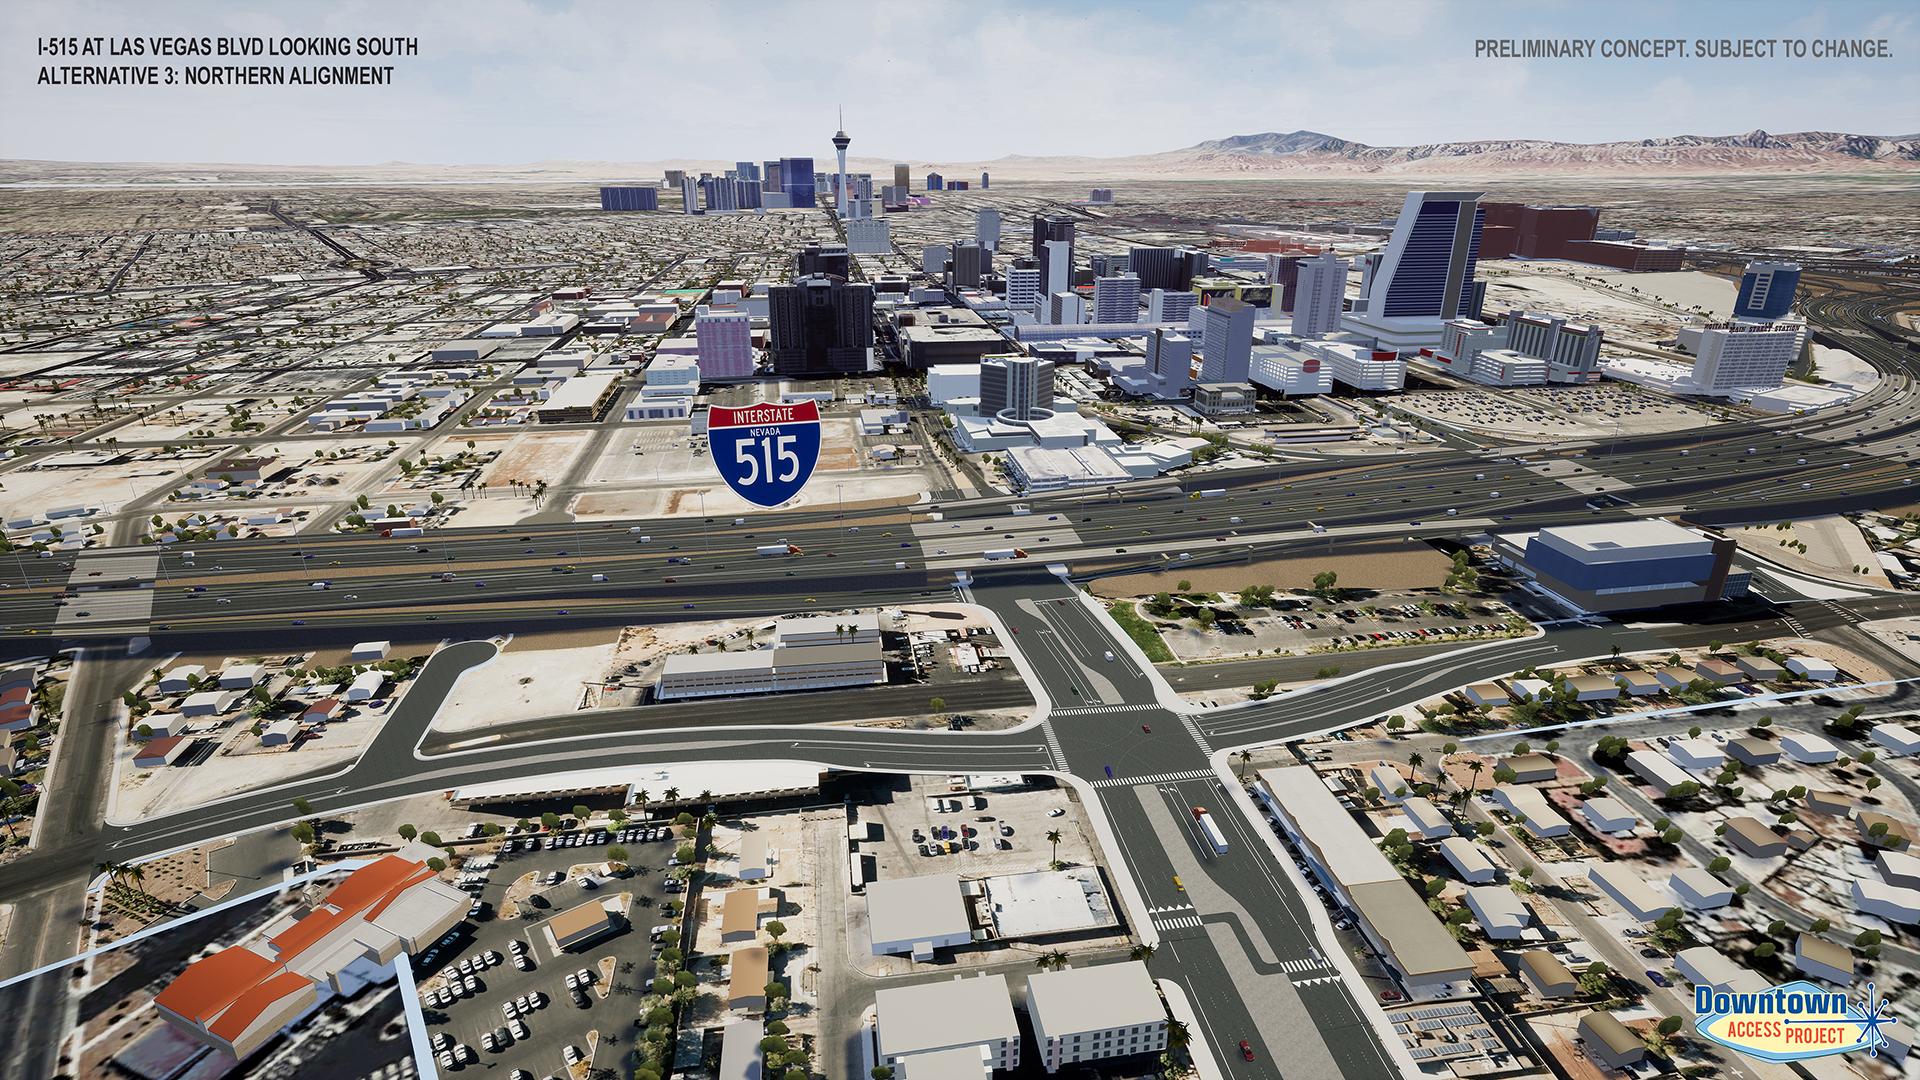 I-515 near las vegas blvd alternative 3 rendering